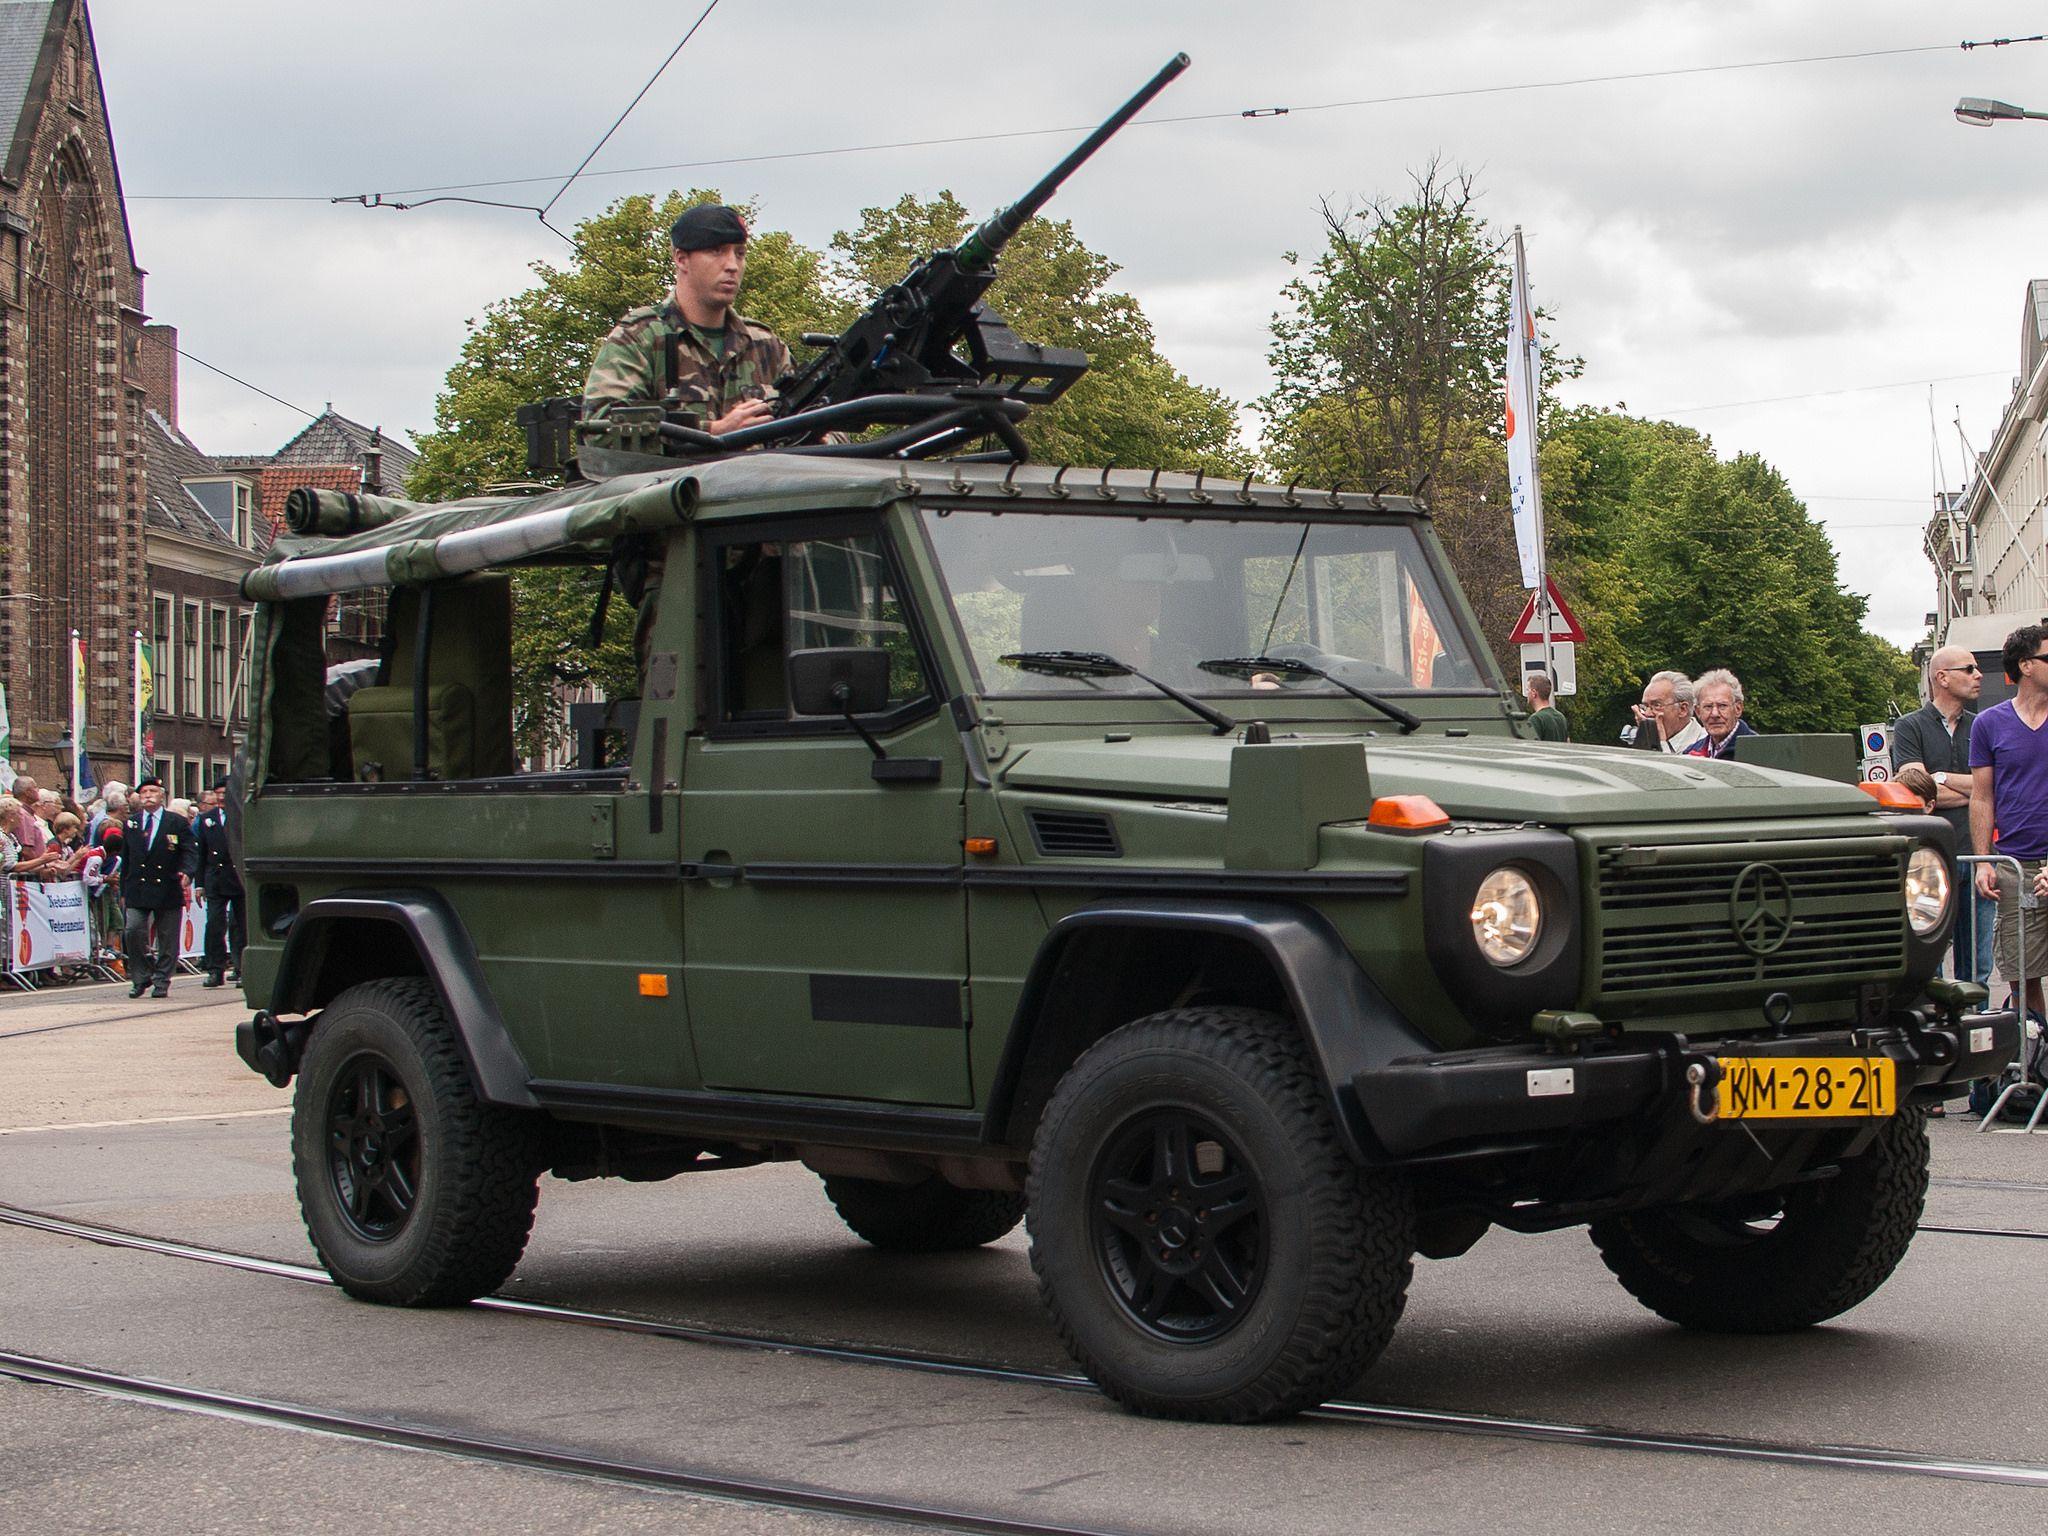 Mercedes Benz G Klasse Korps Mariniers Veteranendag 2012 Den